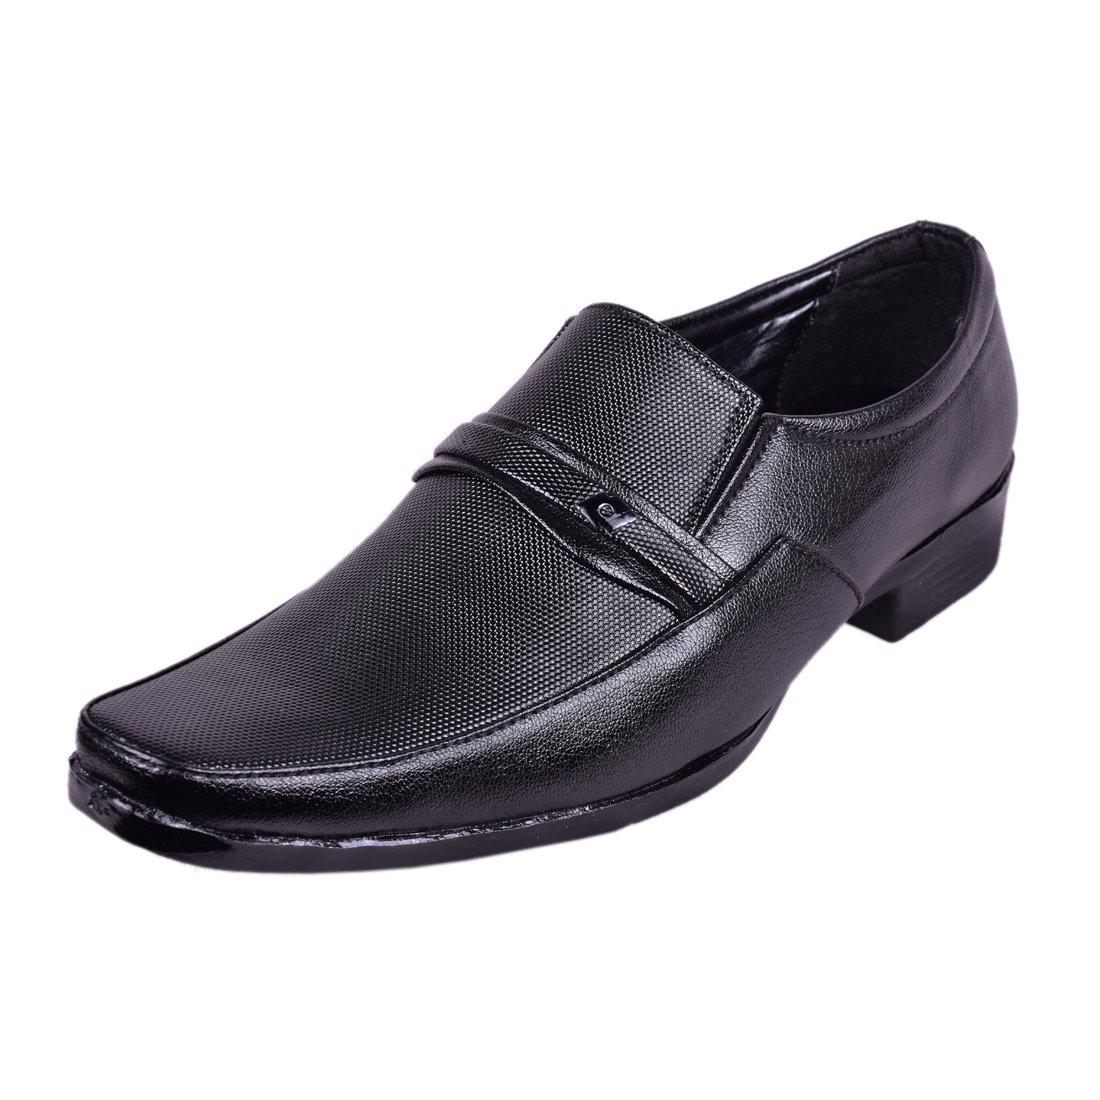 Bb Laa 952 Black Slip-on Men's Formal